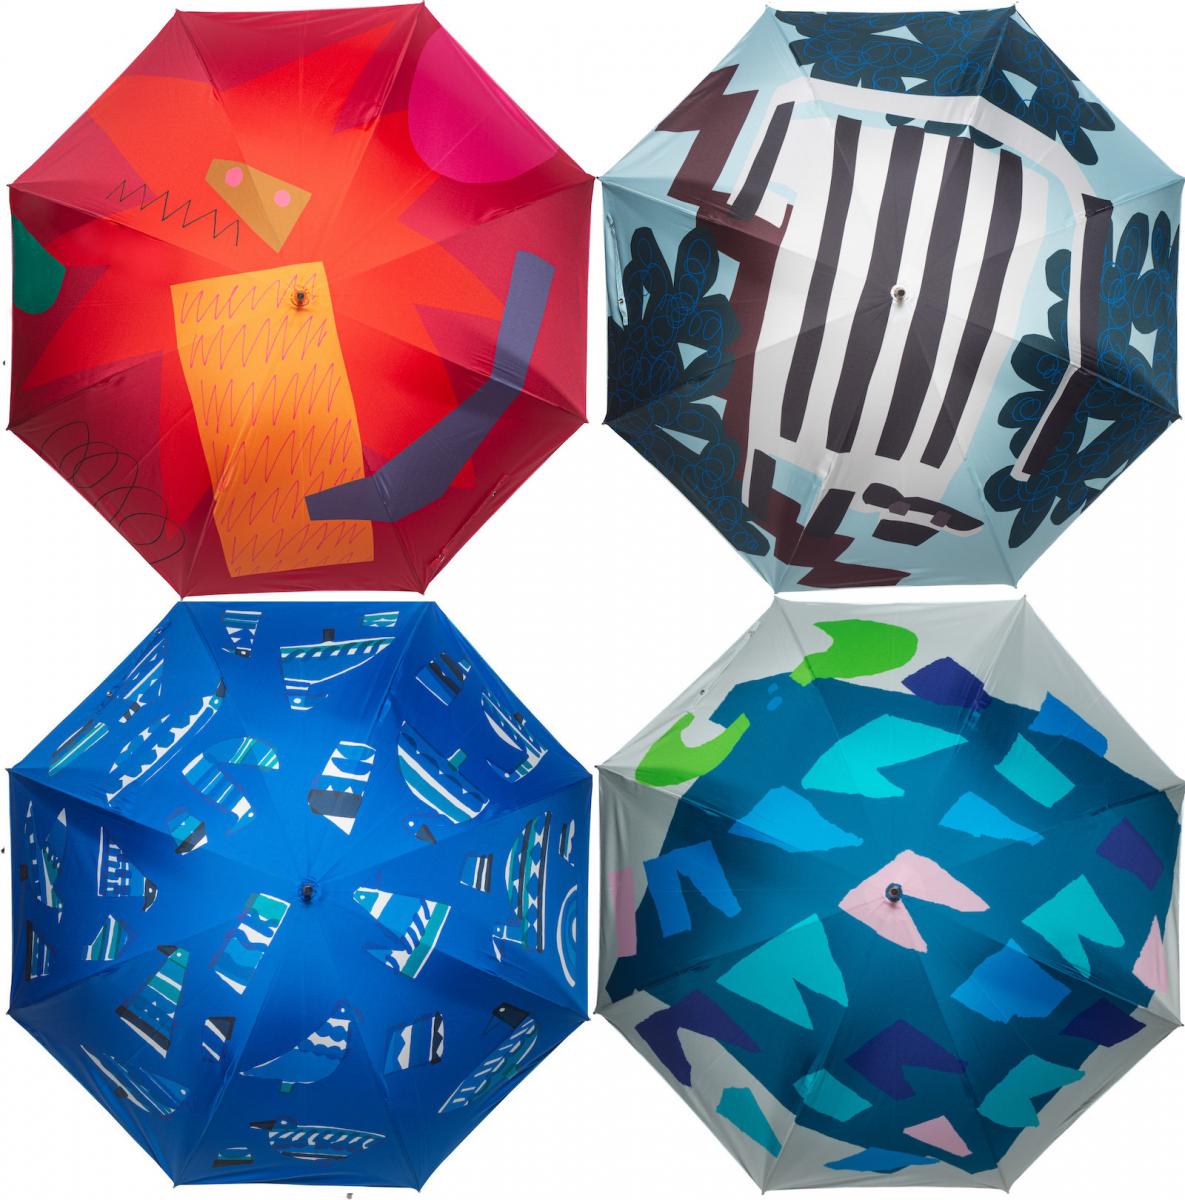 「鈴木マサルの傘 POP UP STORE」には今年もカラフルな傘がずらり。左上から時計回りに「star lion」「crosswalk」「water buffalo」「birds parlor」各¥13,000